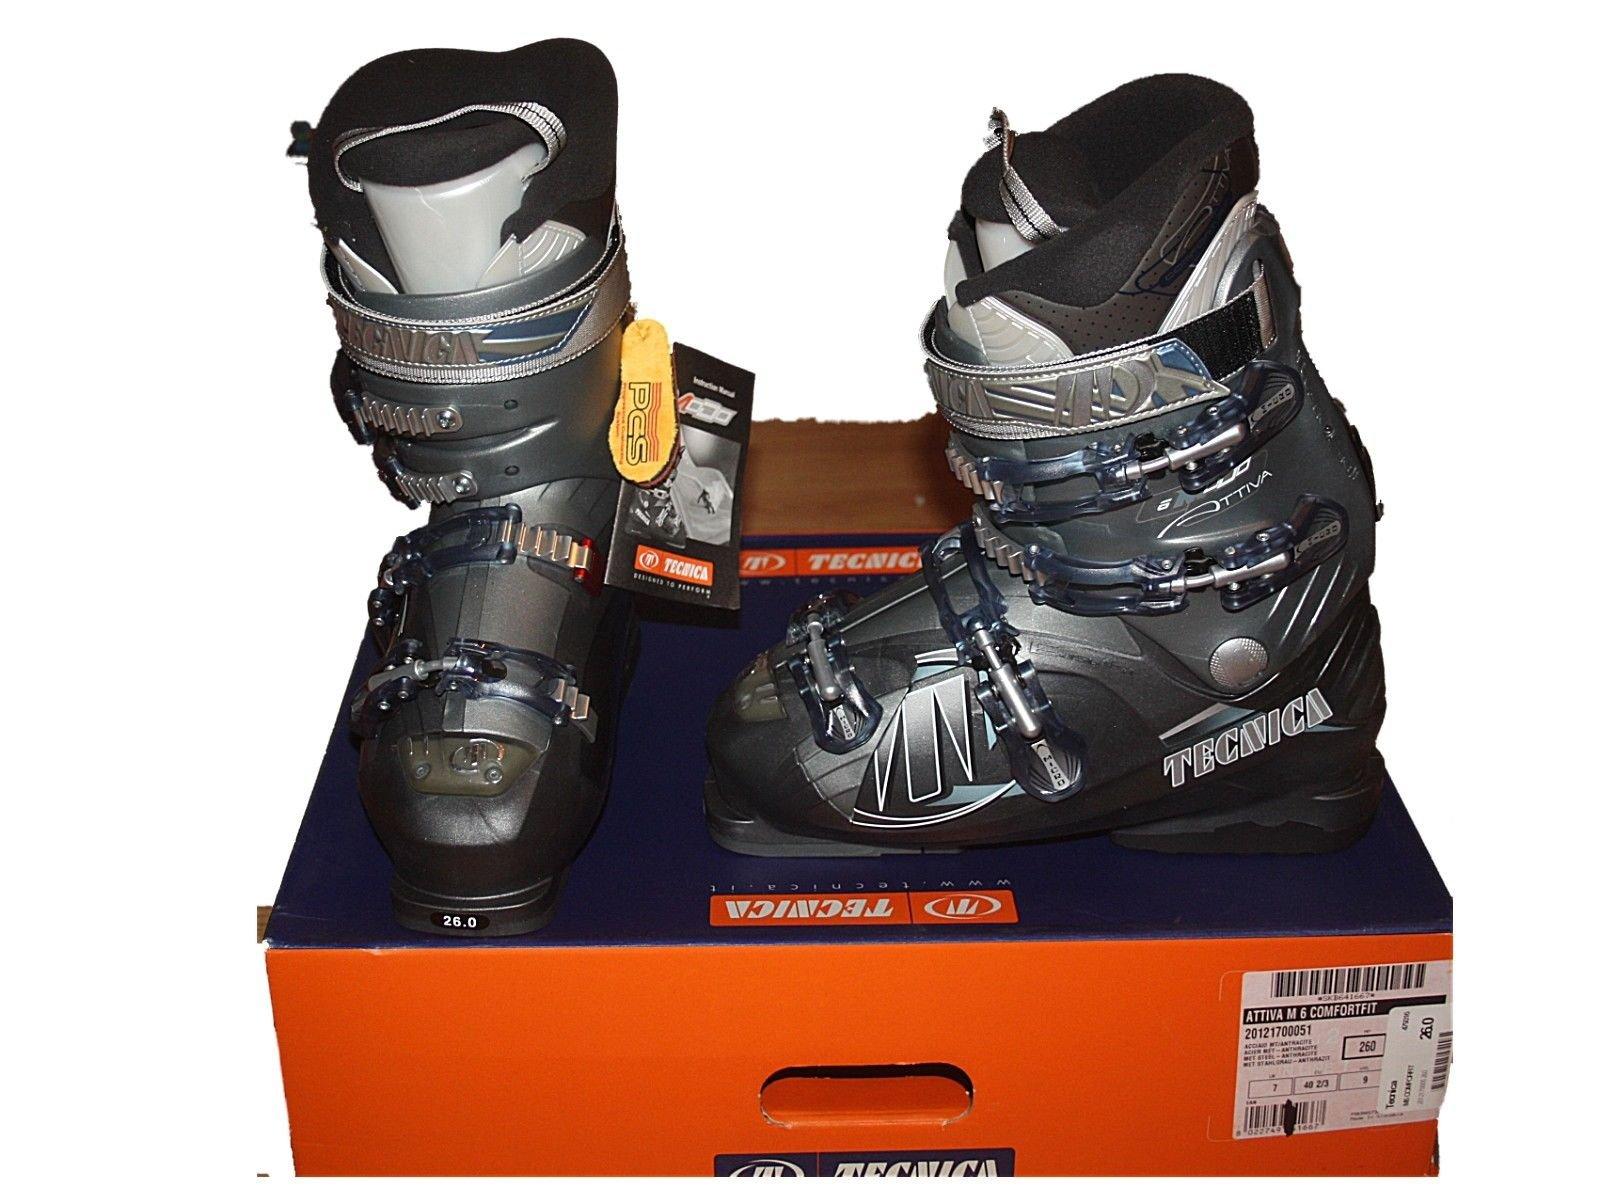 Ski Boots Women's size 26 mondo / US 9 Tecnica Attiva Modo 6 - NEW by Tecnica